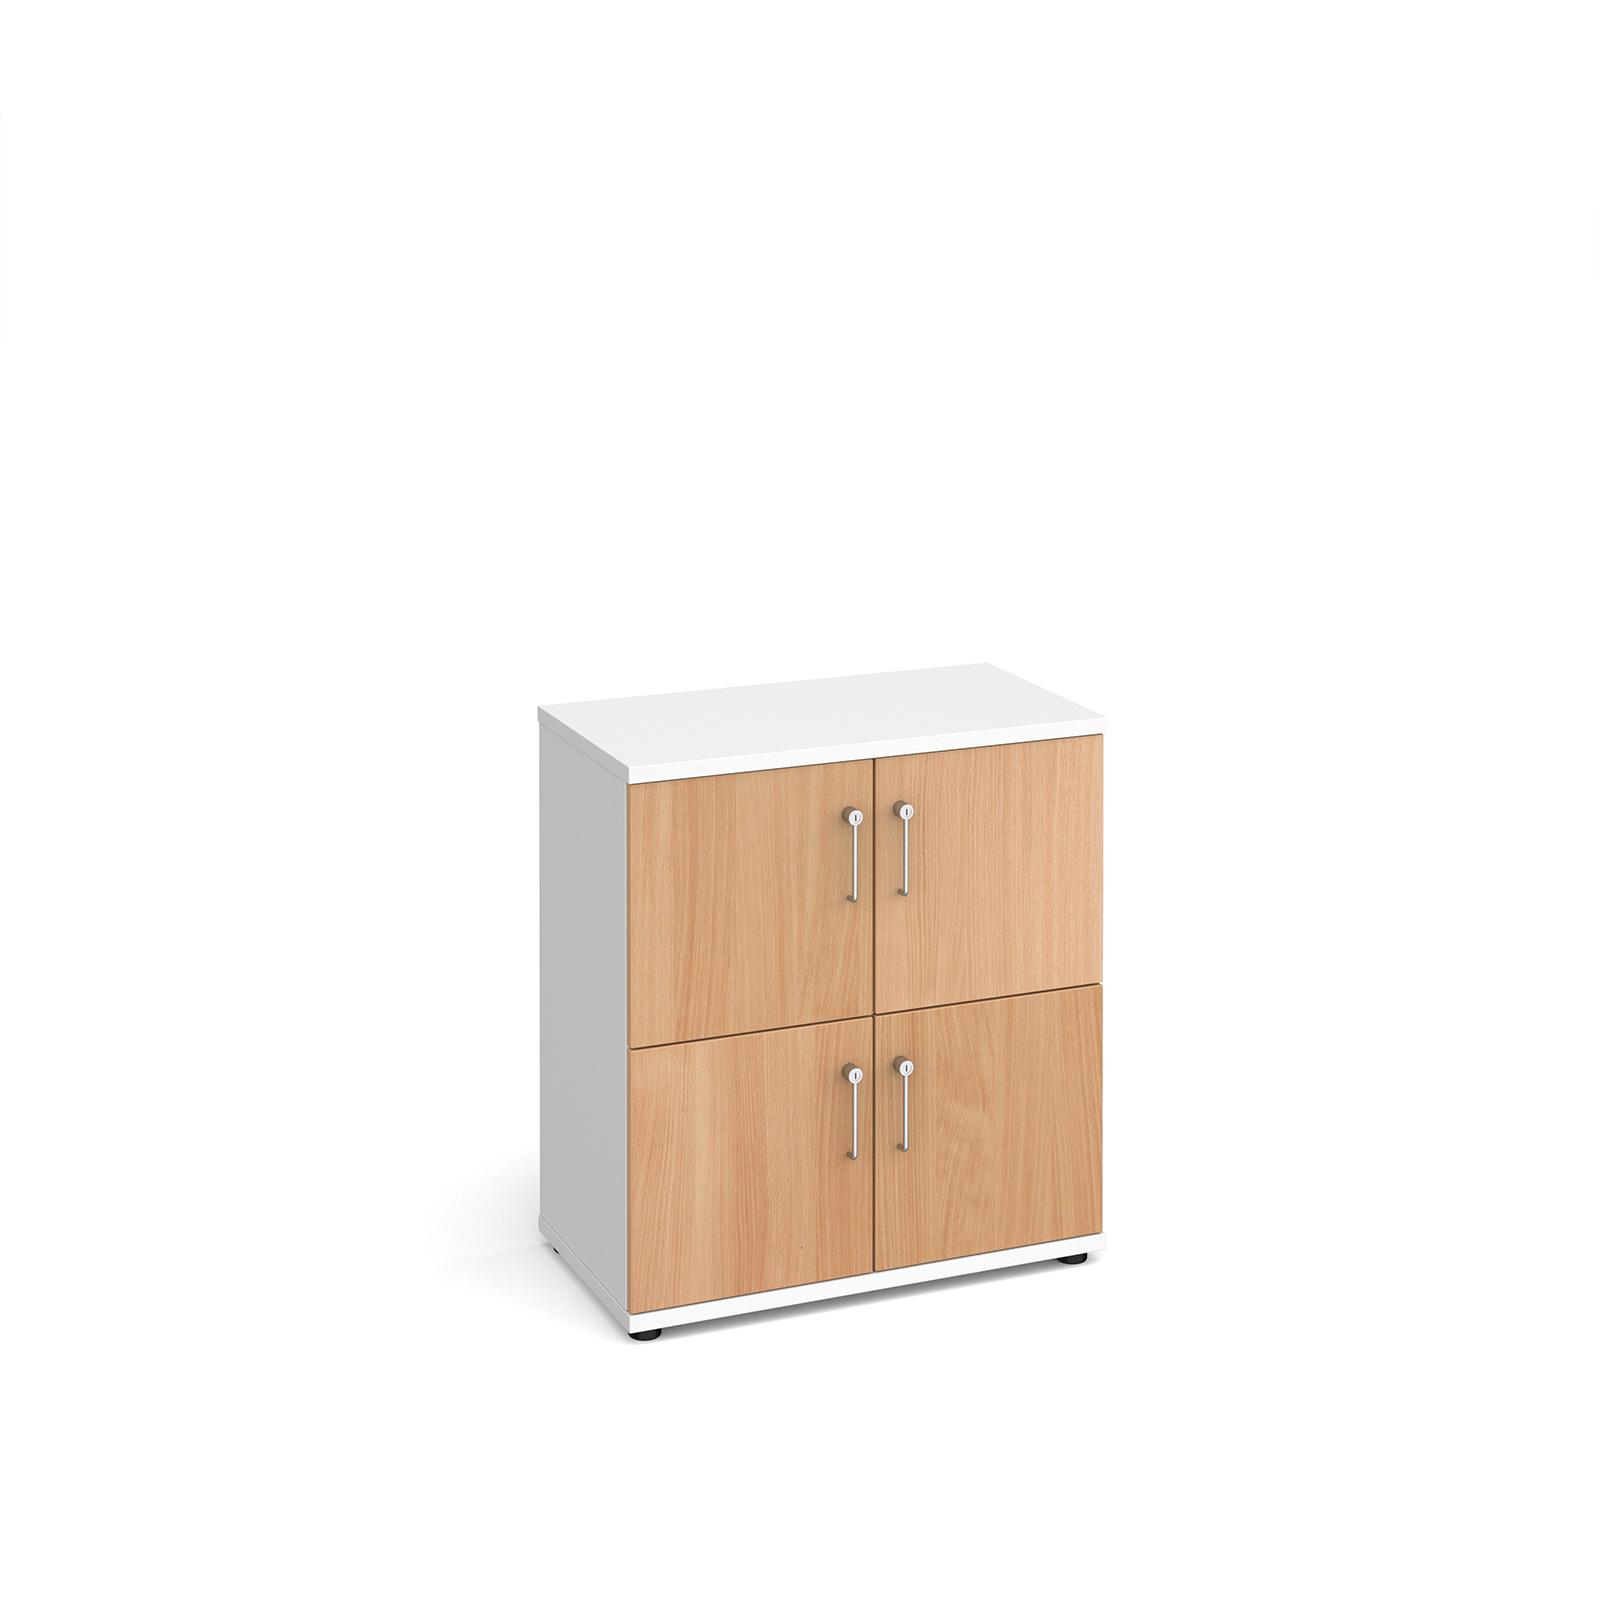 Wooden storage lockers